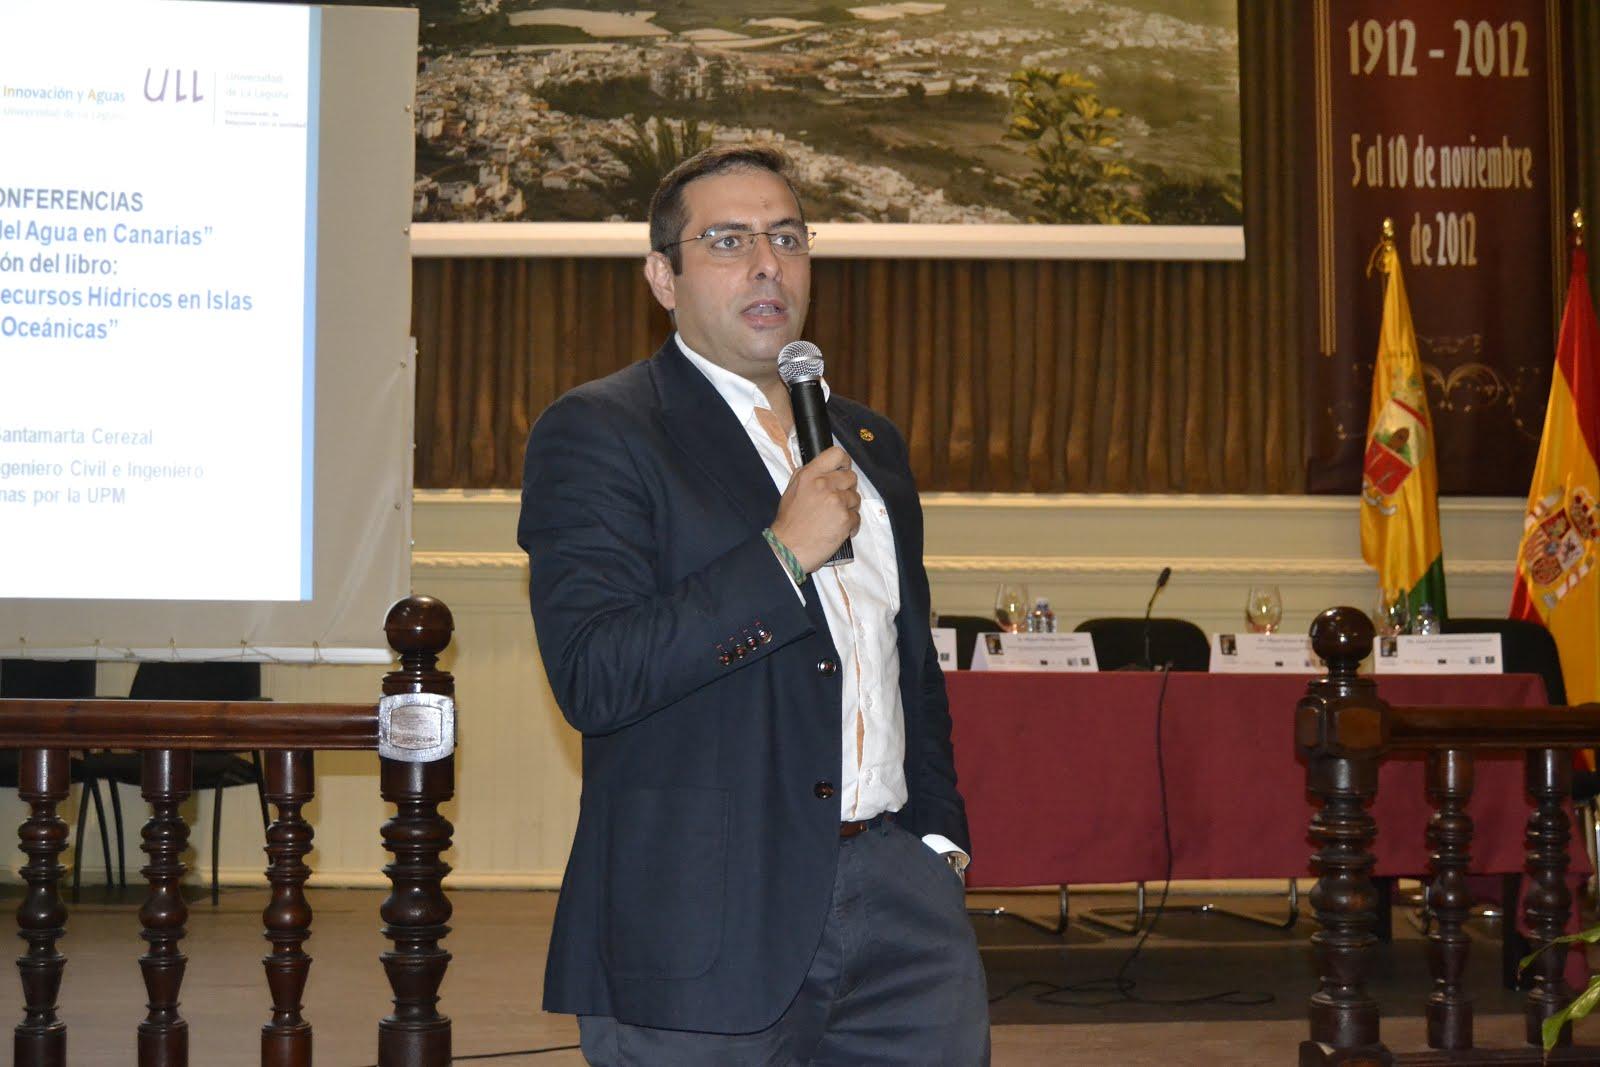 Conferencia Dr. Juan Carlos Santamaría Cerezal